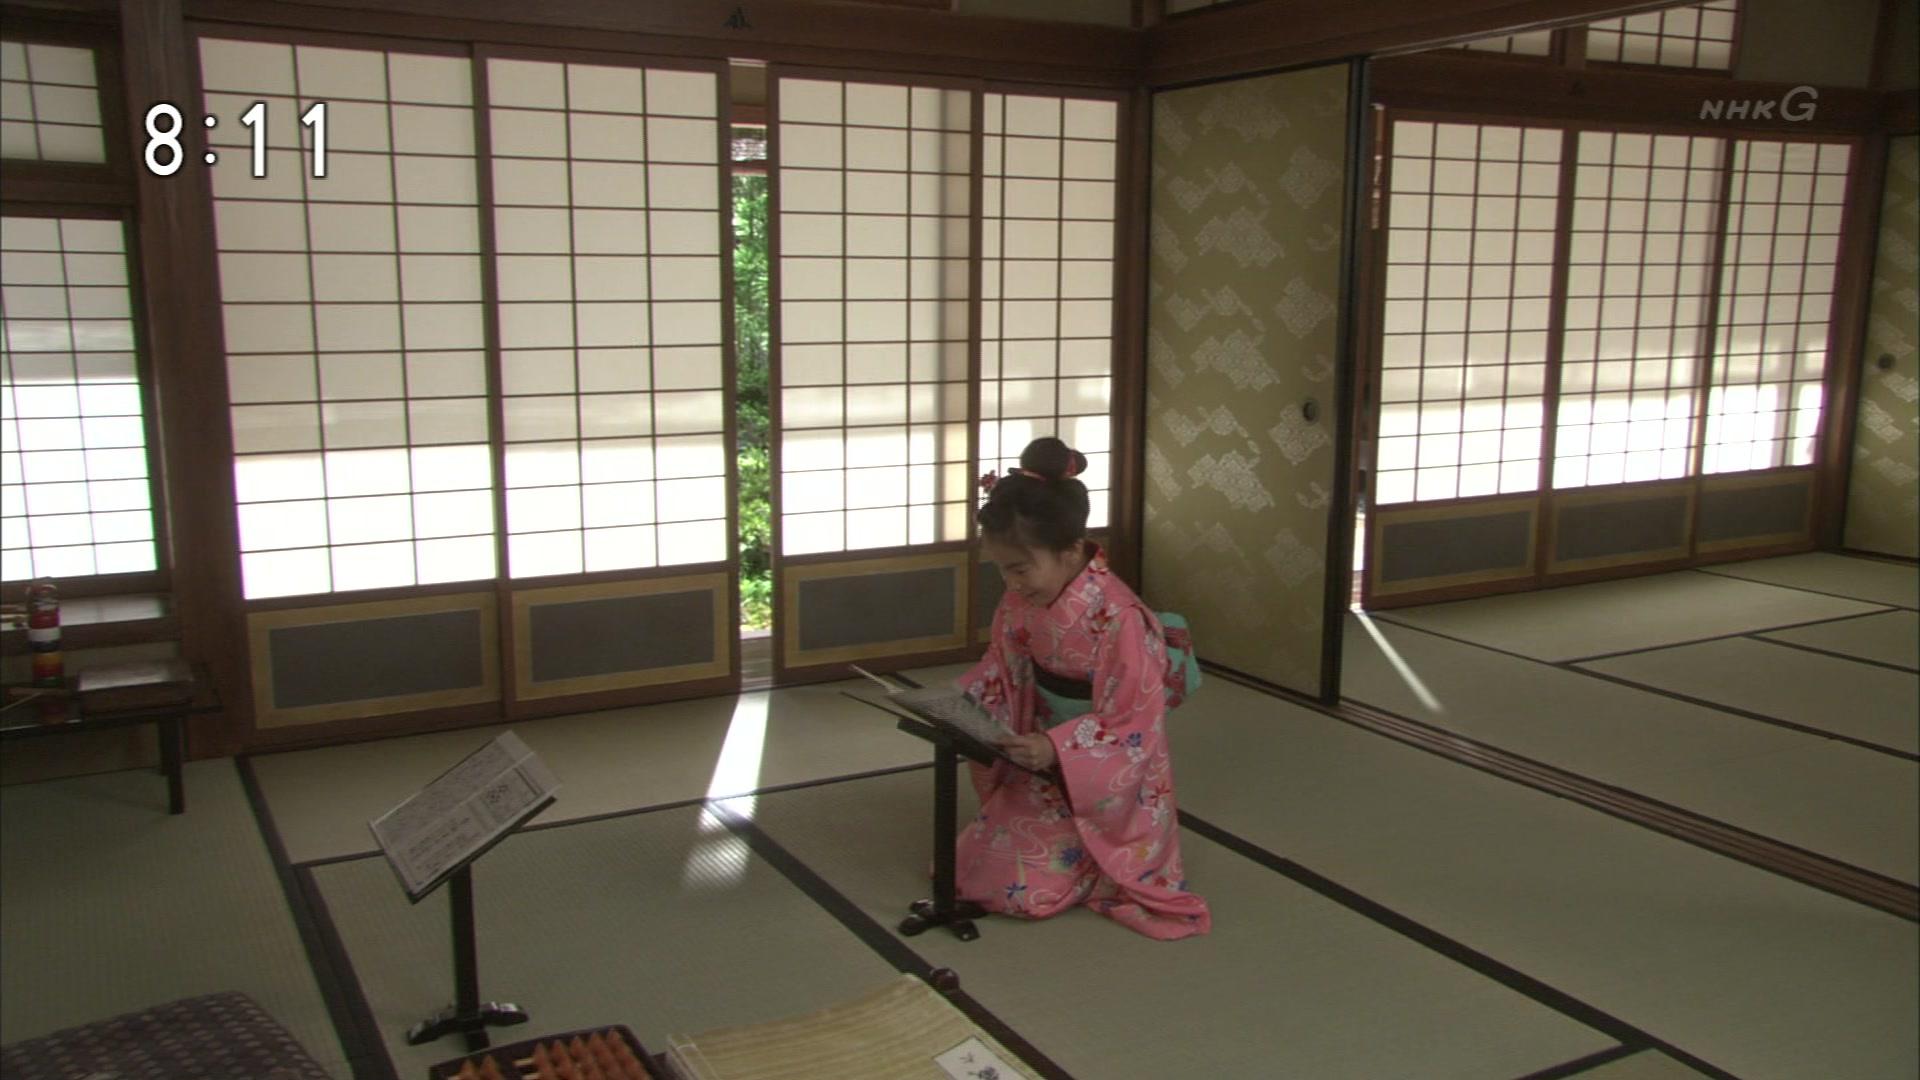 2015-09-28 08:00 連続テレビ小説 あさが来た(1)「小さな許嫁(いいなずけ)」 21202